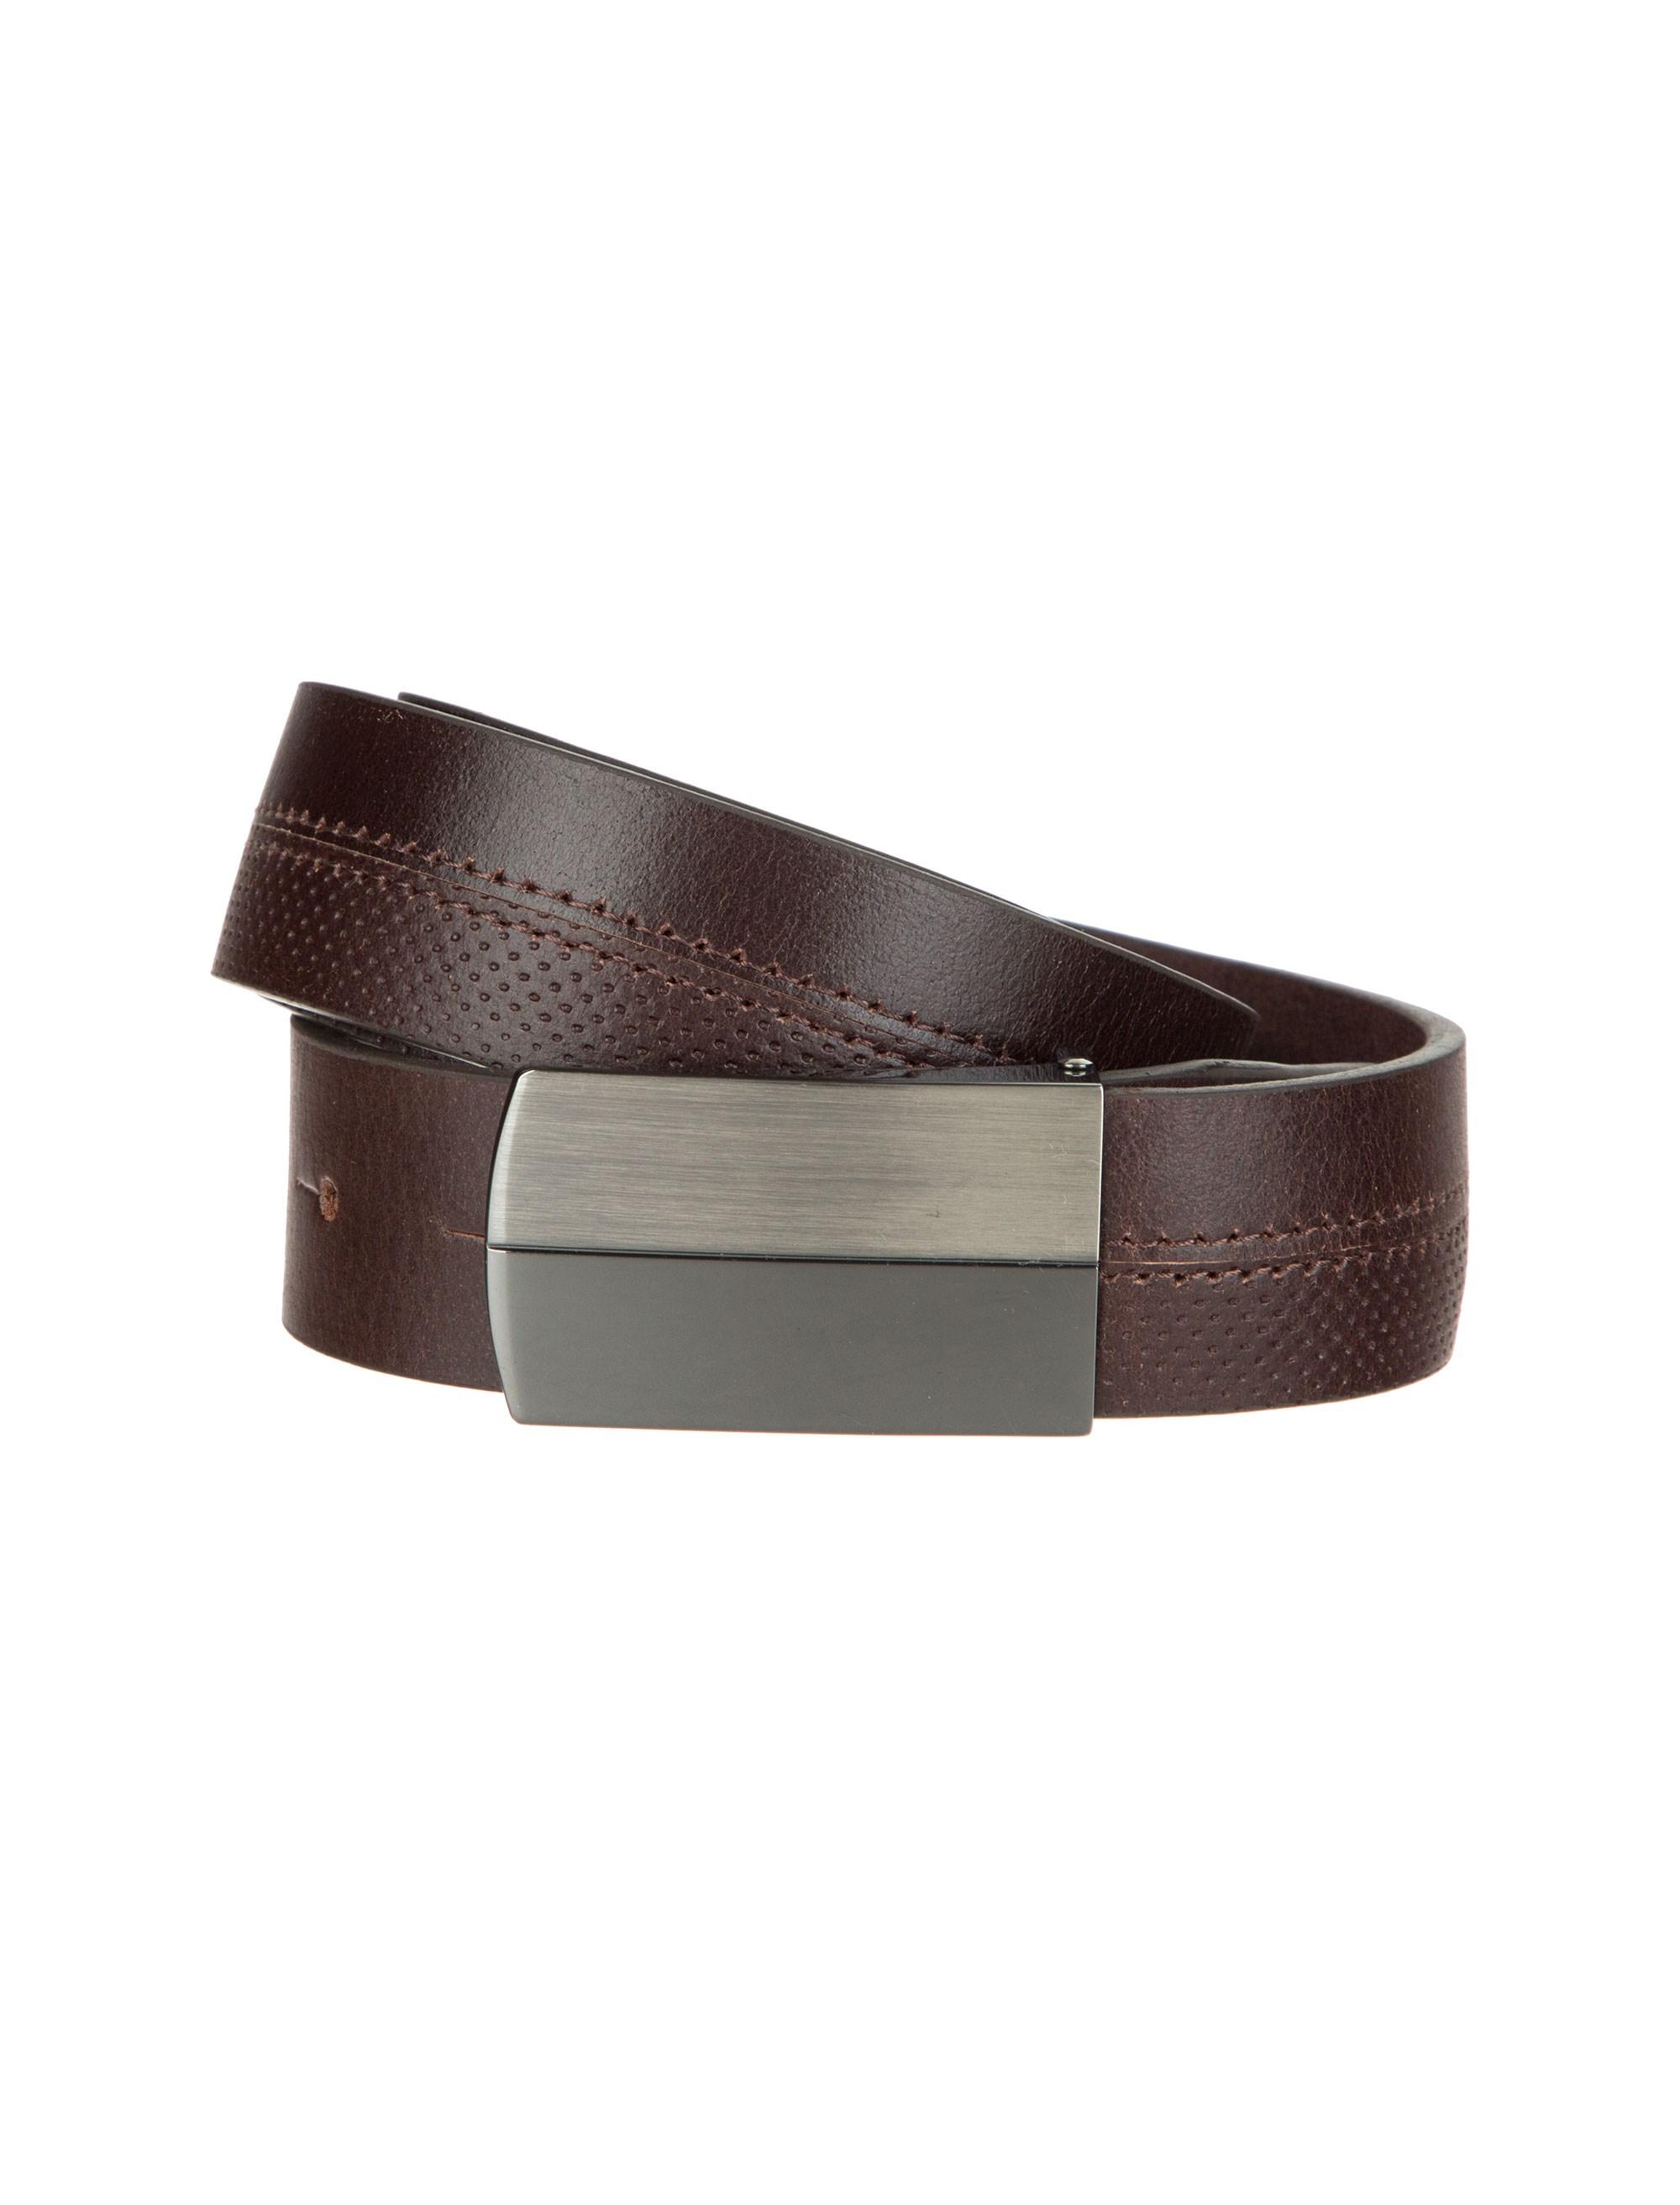 کمربند چرم سگک تخت مردانه – عالیخان  Men Leather Solid Buckle Belt – AleeKhan